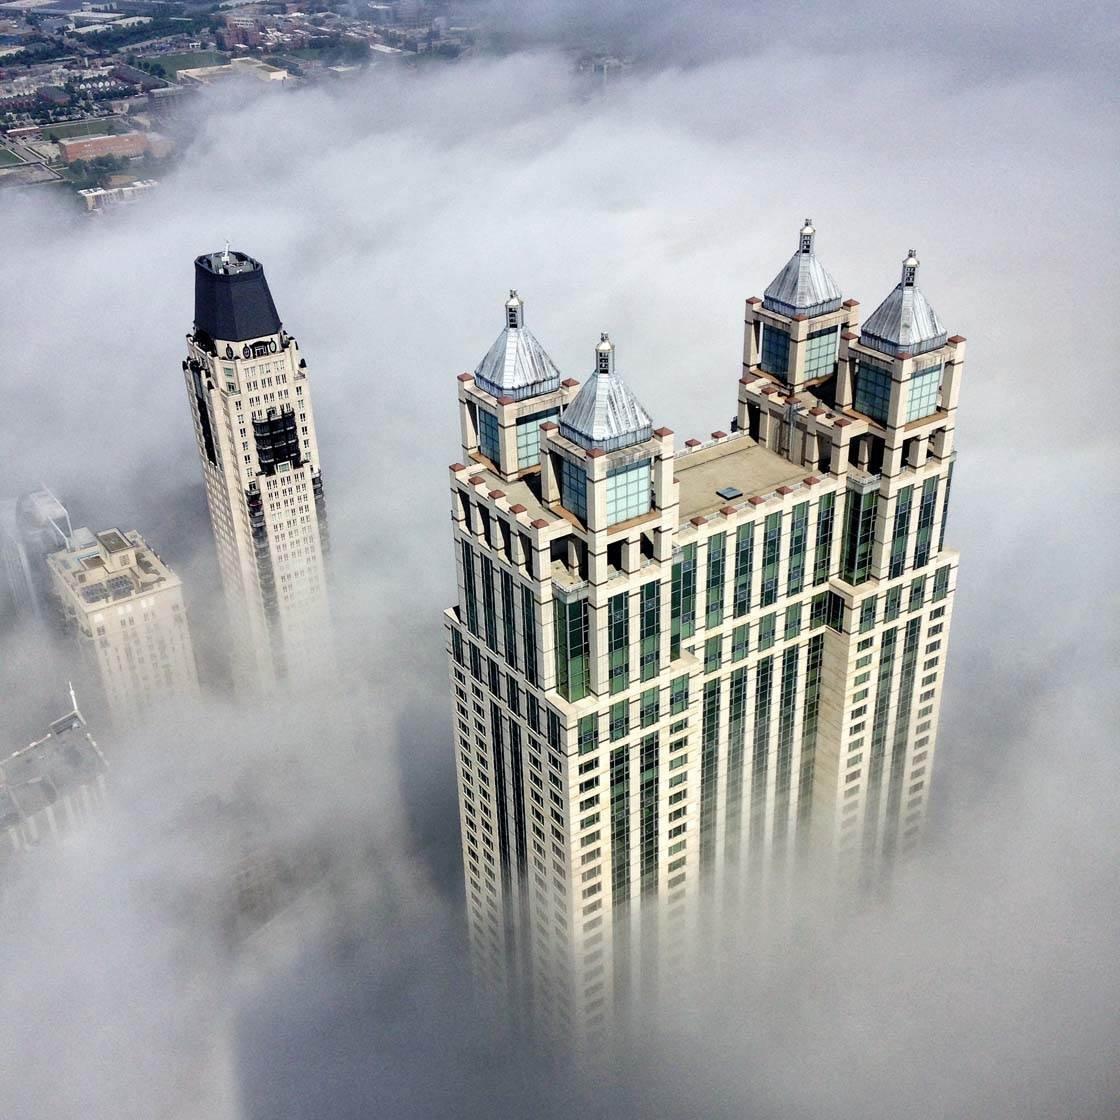 Busy City iPhone Photos 2 no script